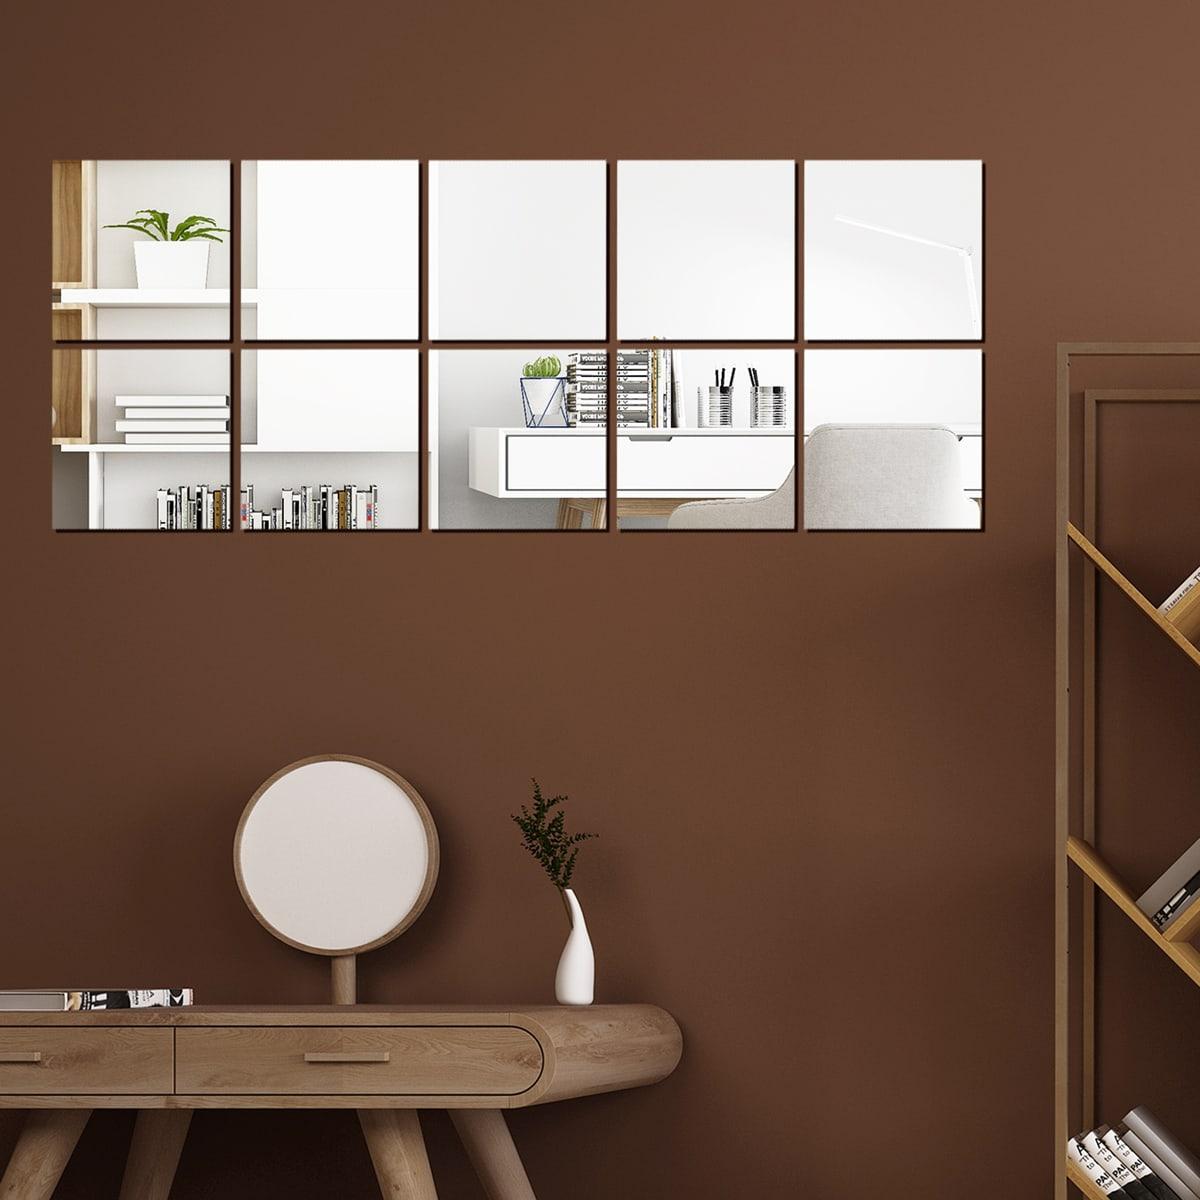 10шт квадратная наклейка на стену с зеркальной поверхностью